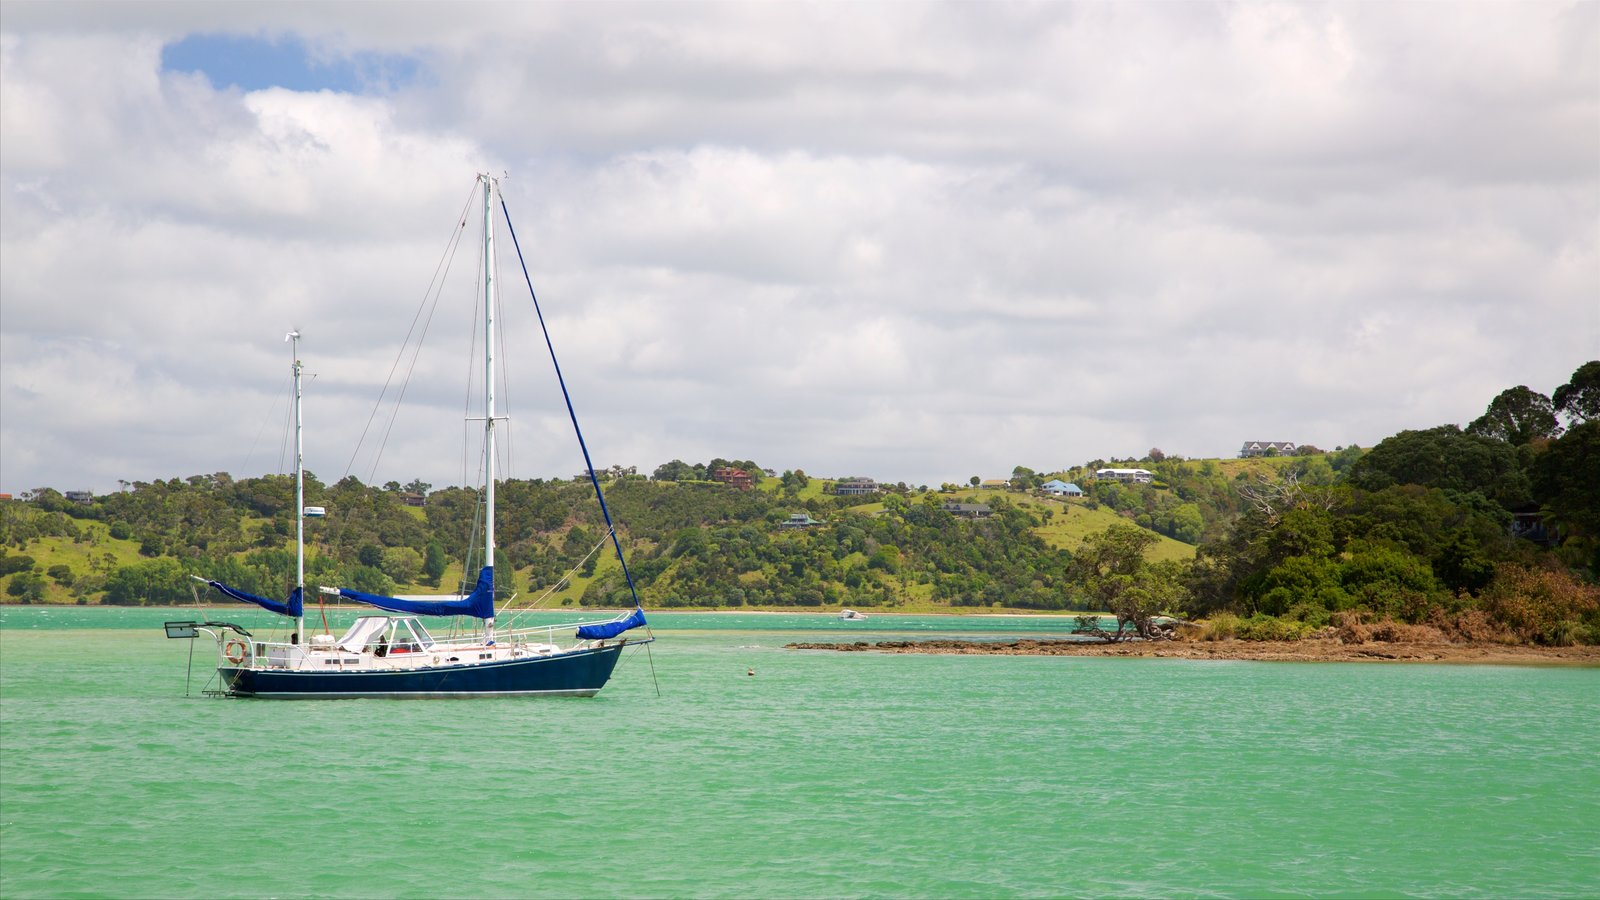 Whangarei ofreciendo una bahía o puerto, navegación y costa rocosa